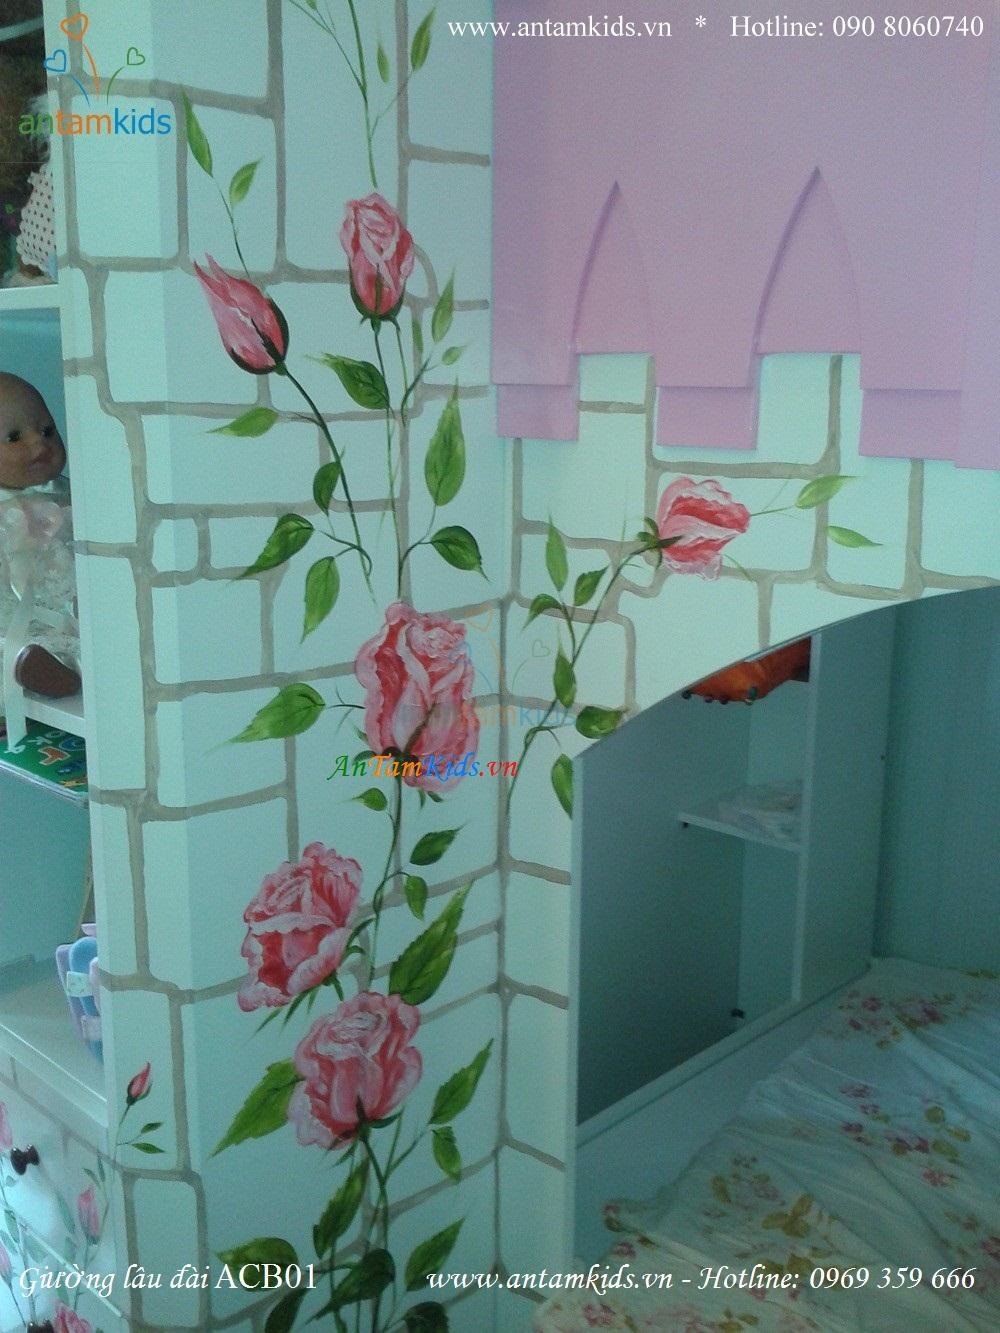 Giường lâu đài công chúa Princess Bao & Gấu ACB01 đẹp như một giấc mơ - AnTamKids.vn